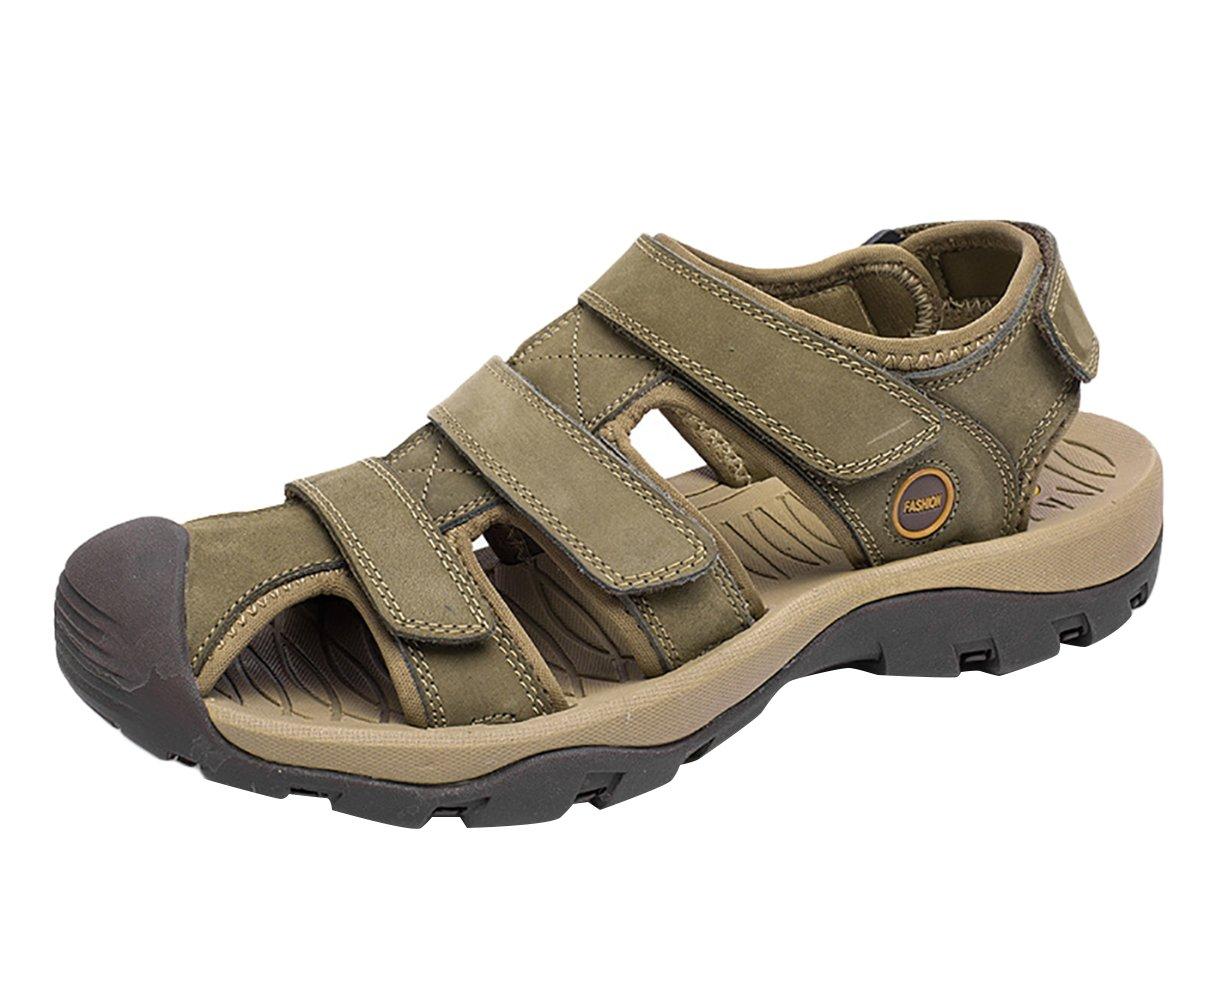 SK Studio Punta Cerrada Sandalias Hombre Trekking de Cuero Talla Grande Transpirables Zapatos Con Velcro 44 EU|Verde caqui